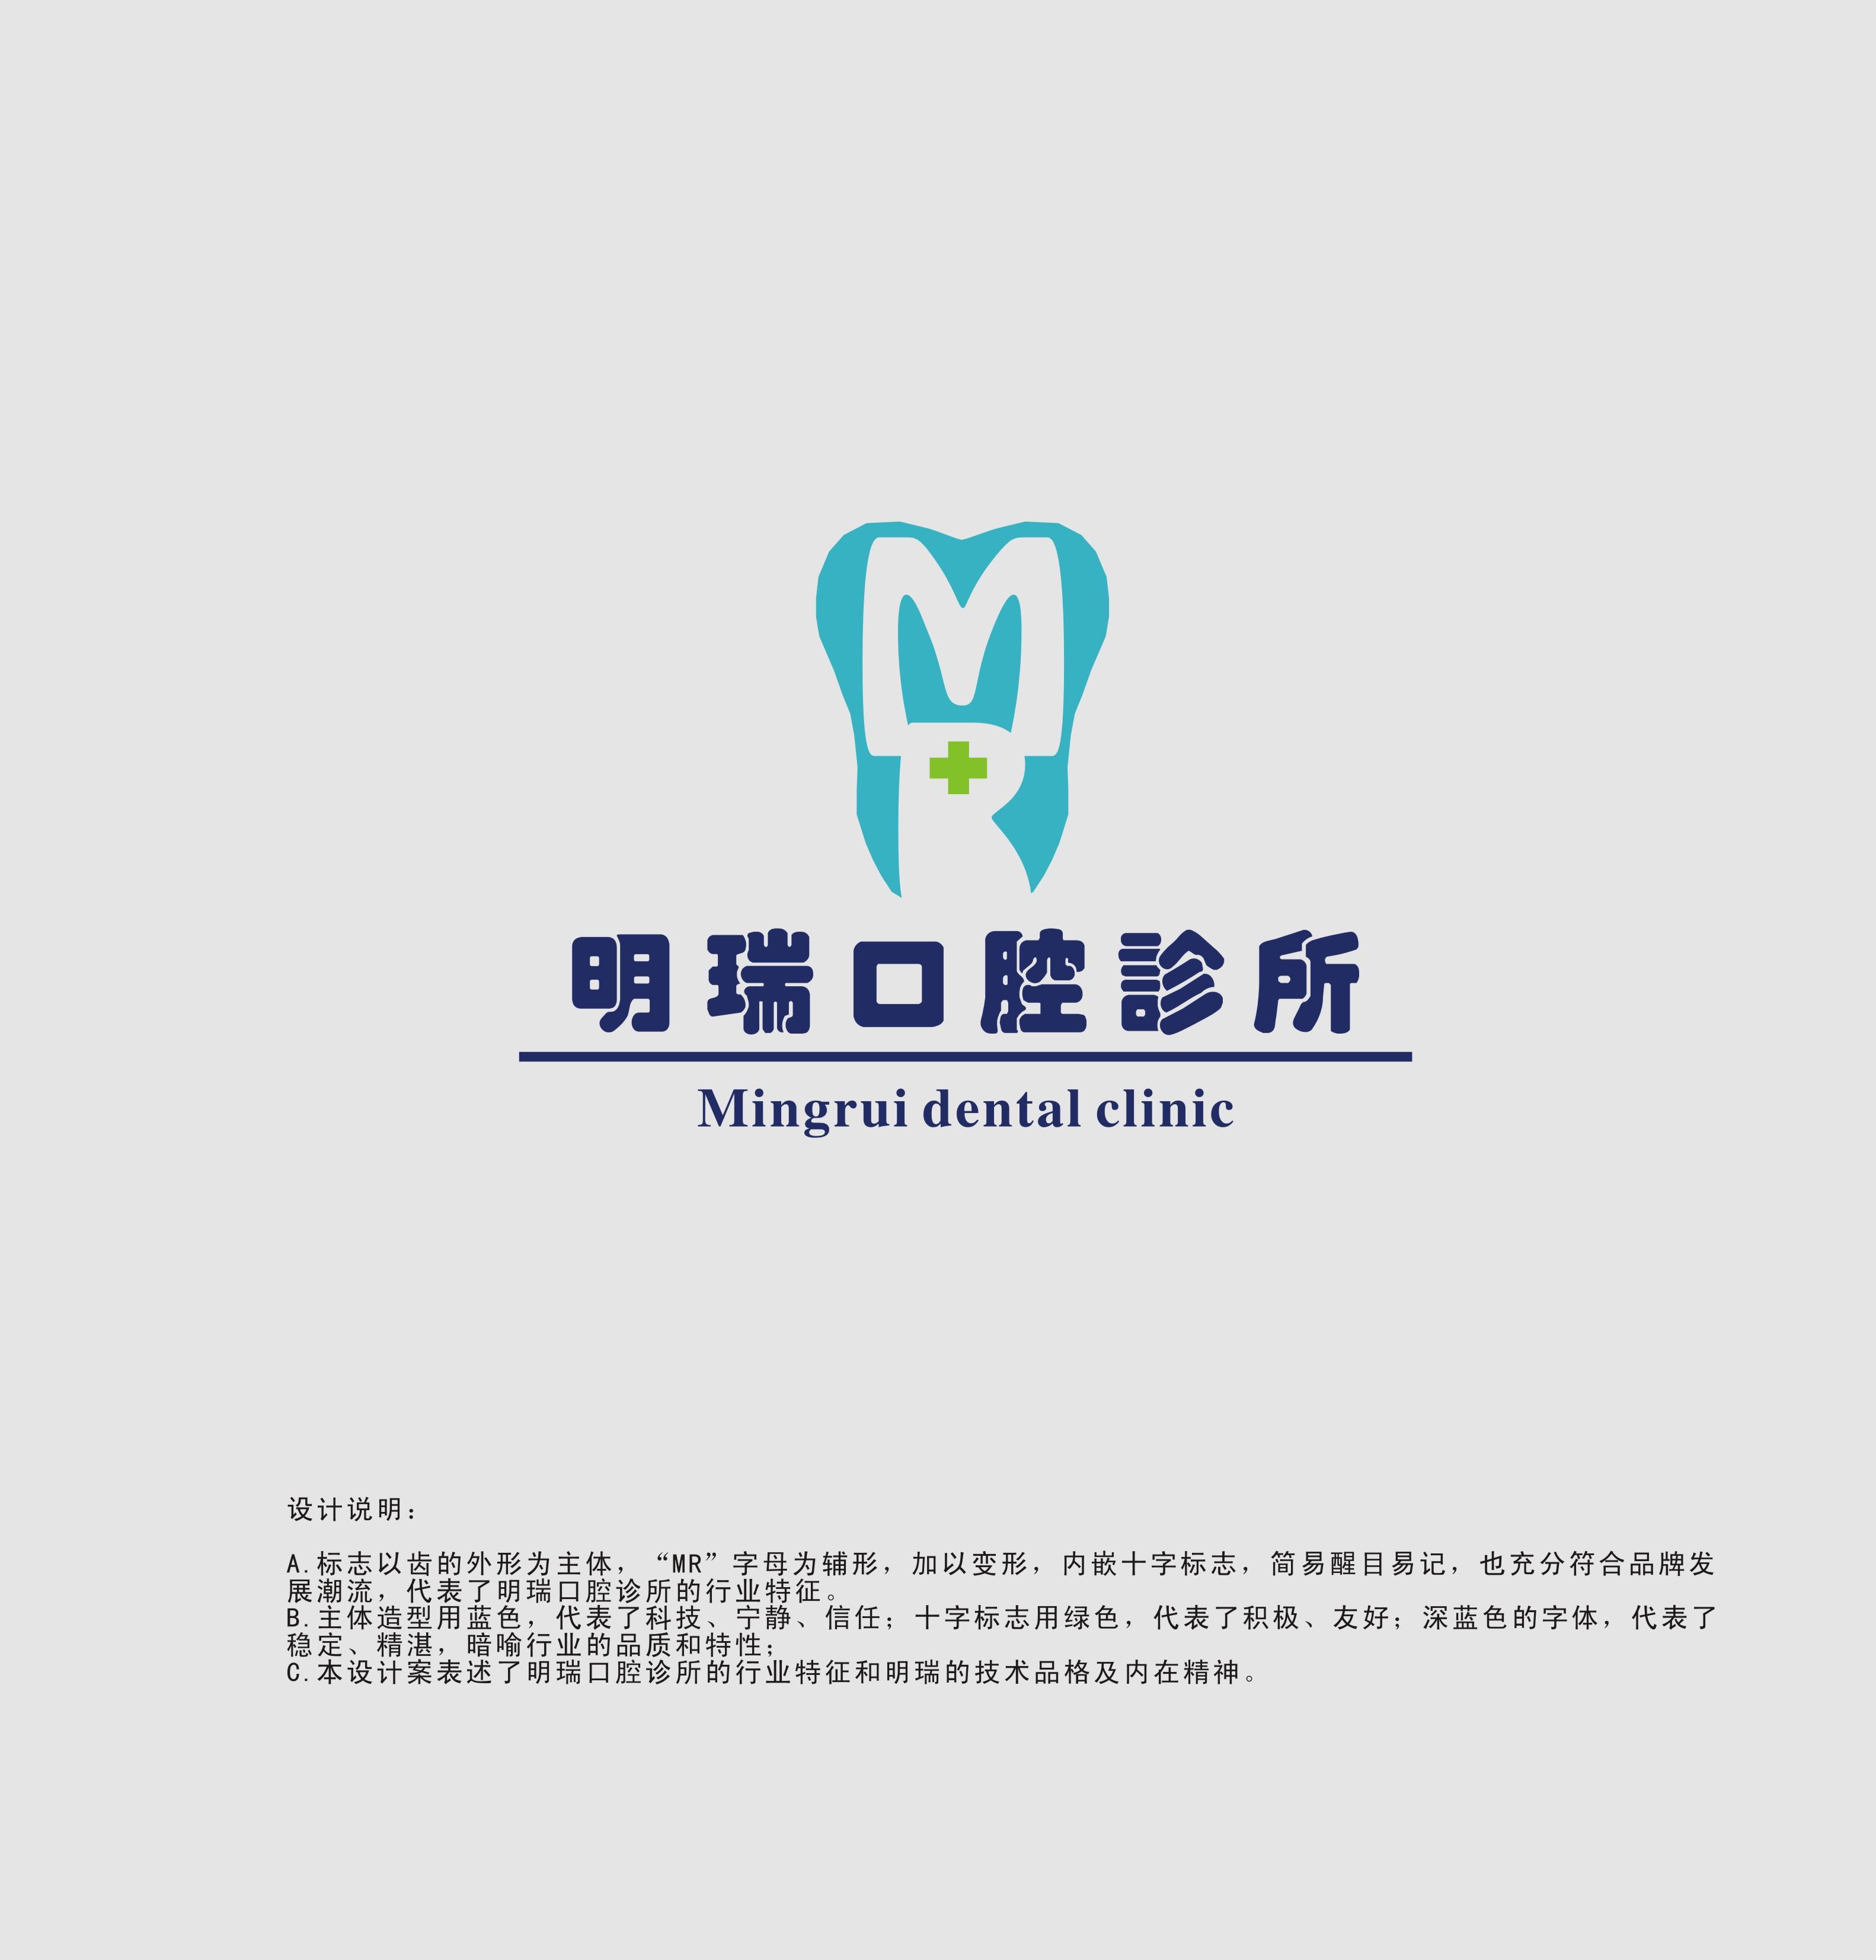 明瑞口腔诊所logo设计-02.jpg(393.62k)